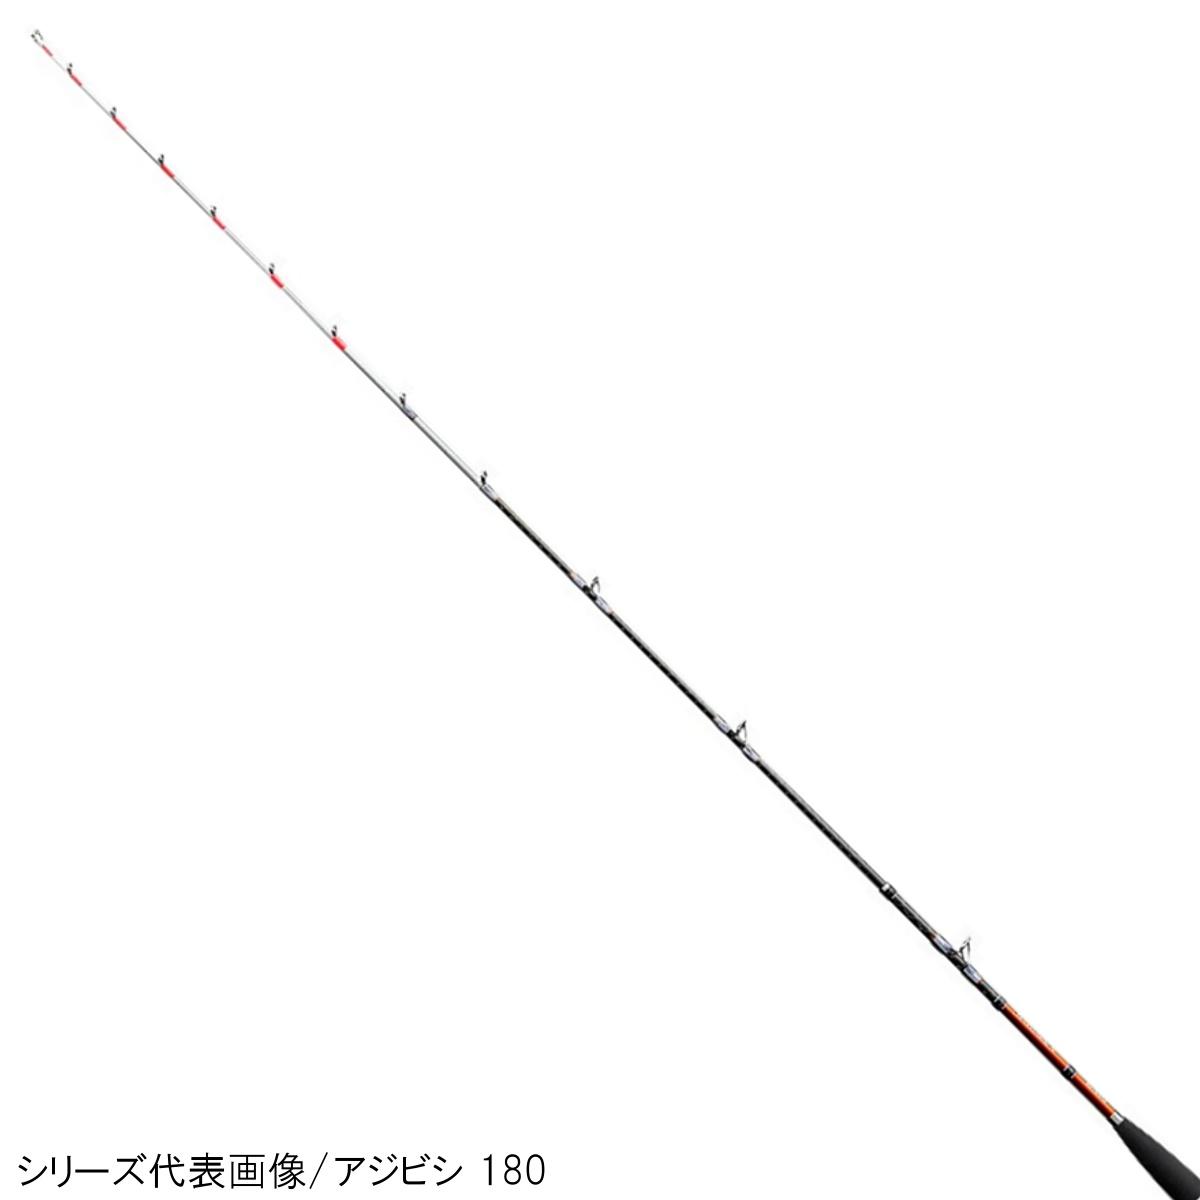 シマノ ベイゲーム X アジビシ 165